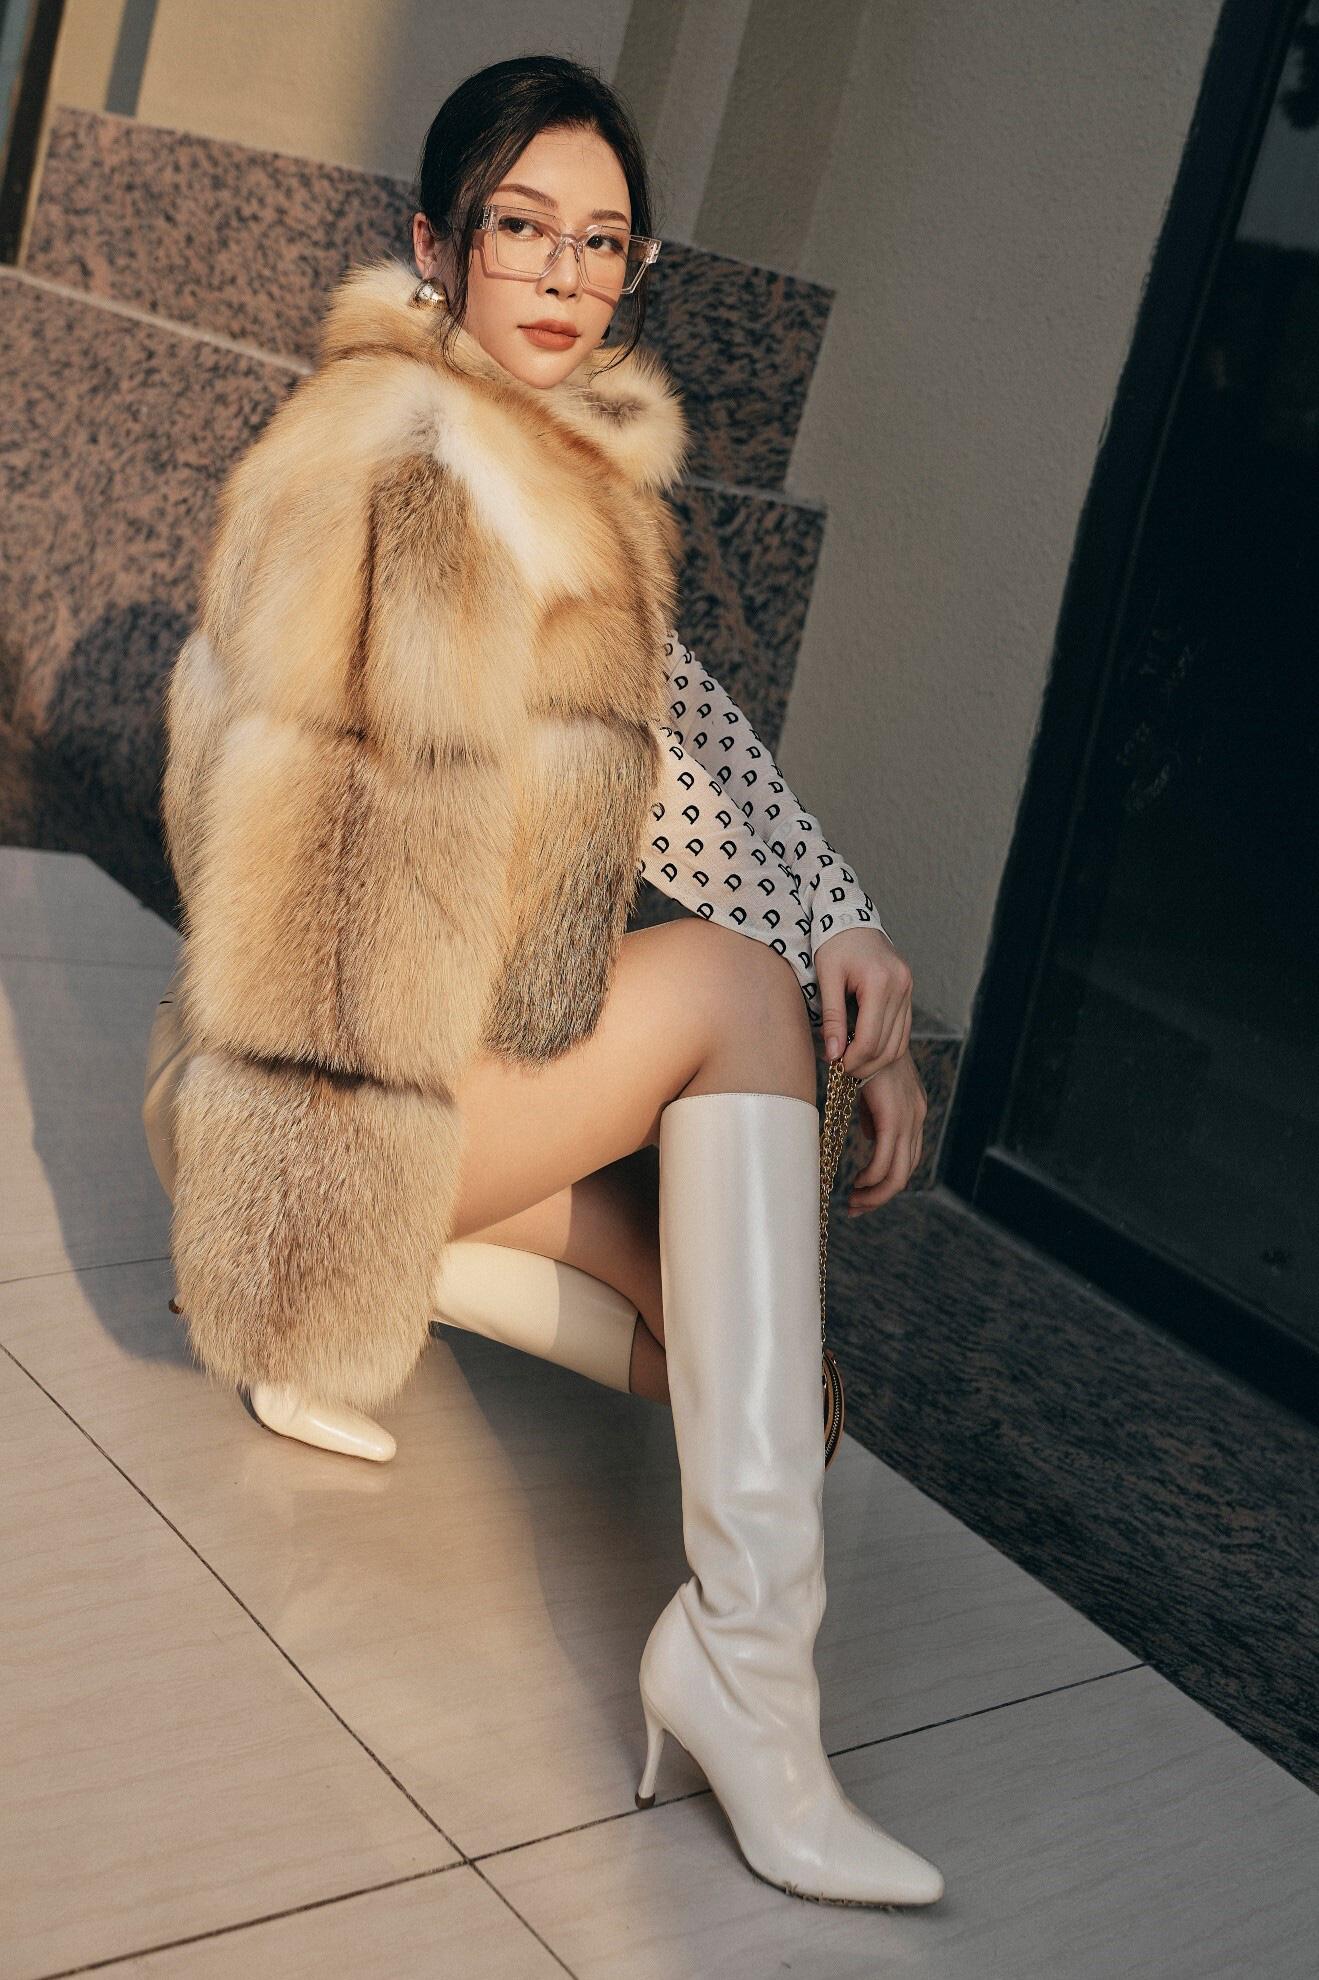 Giải mã sức hút khó cưỡng của những chiếc áo lông đến từ thương hiệu thời trang Mina Luxuryfur